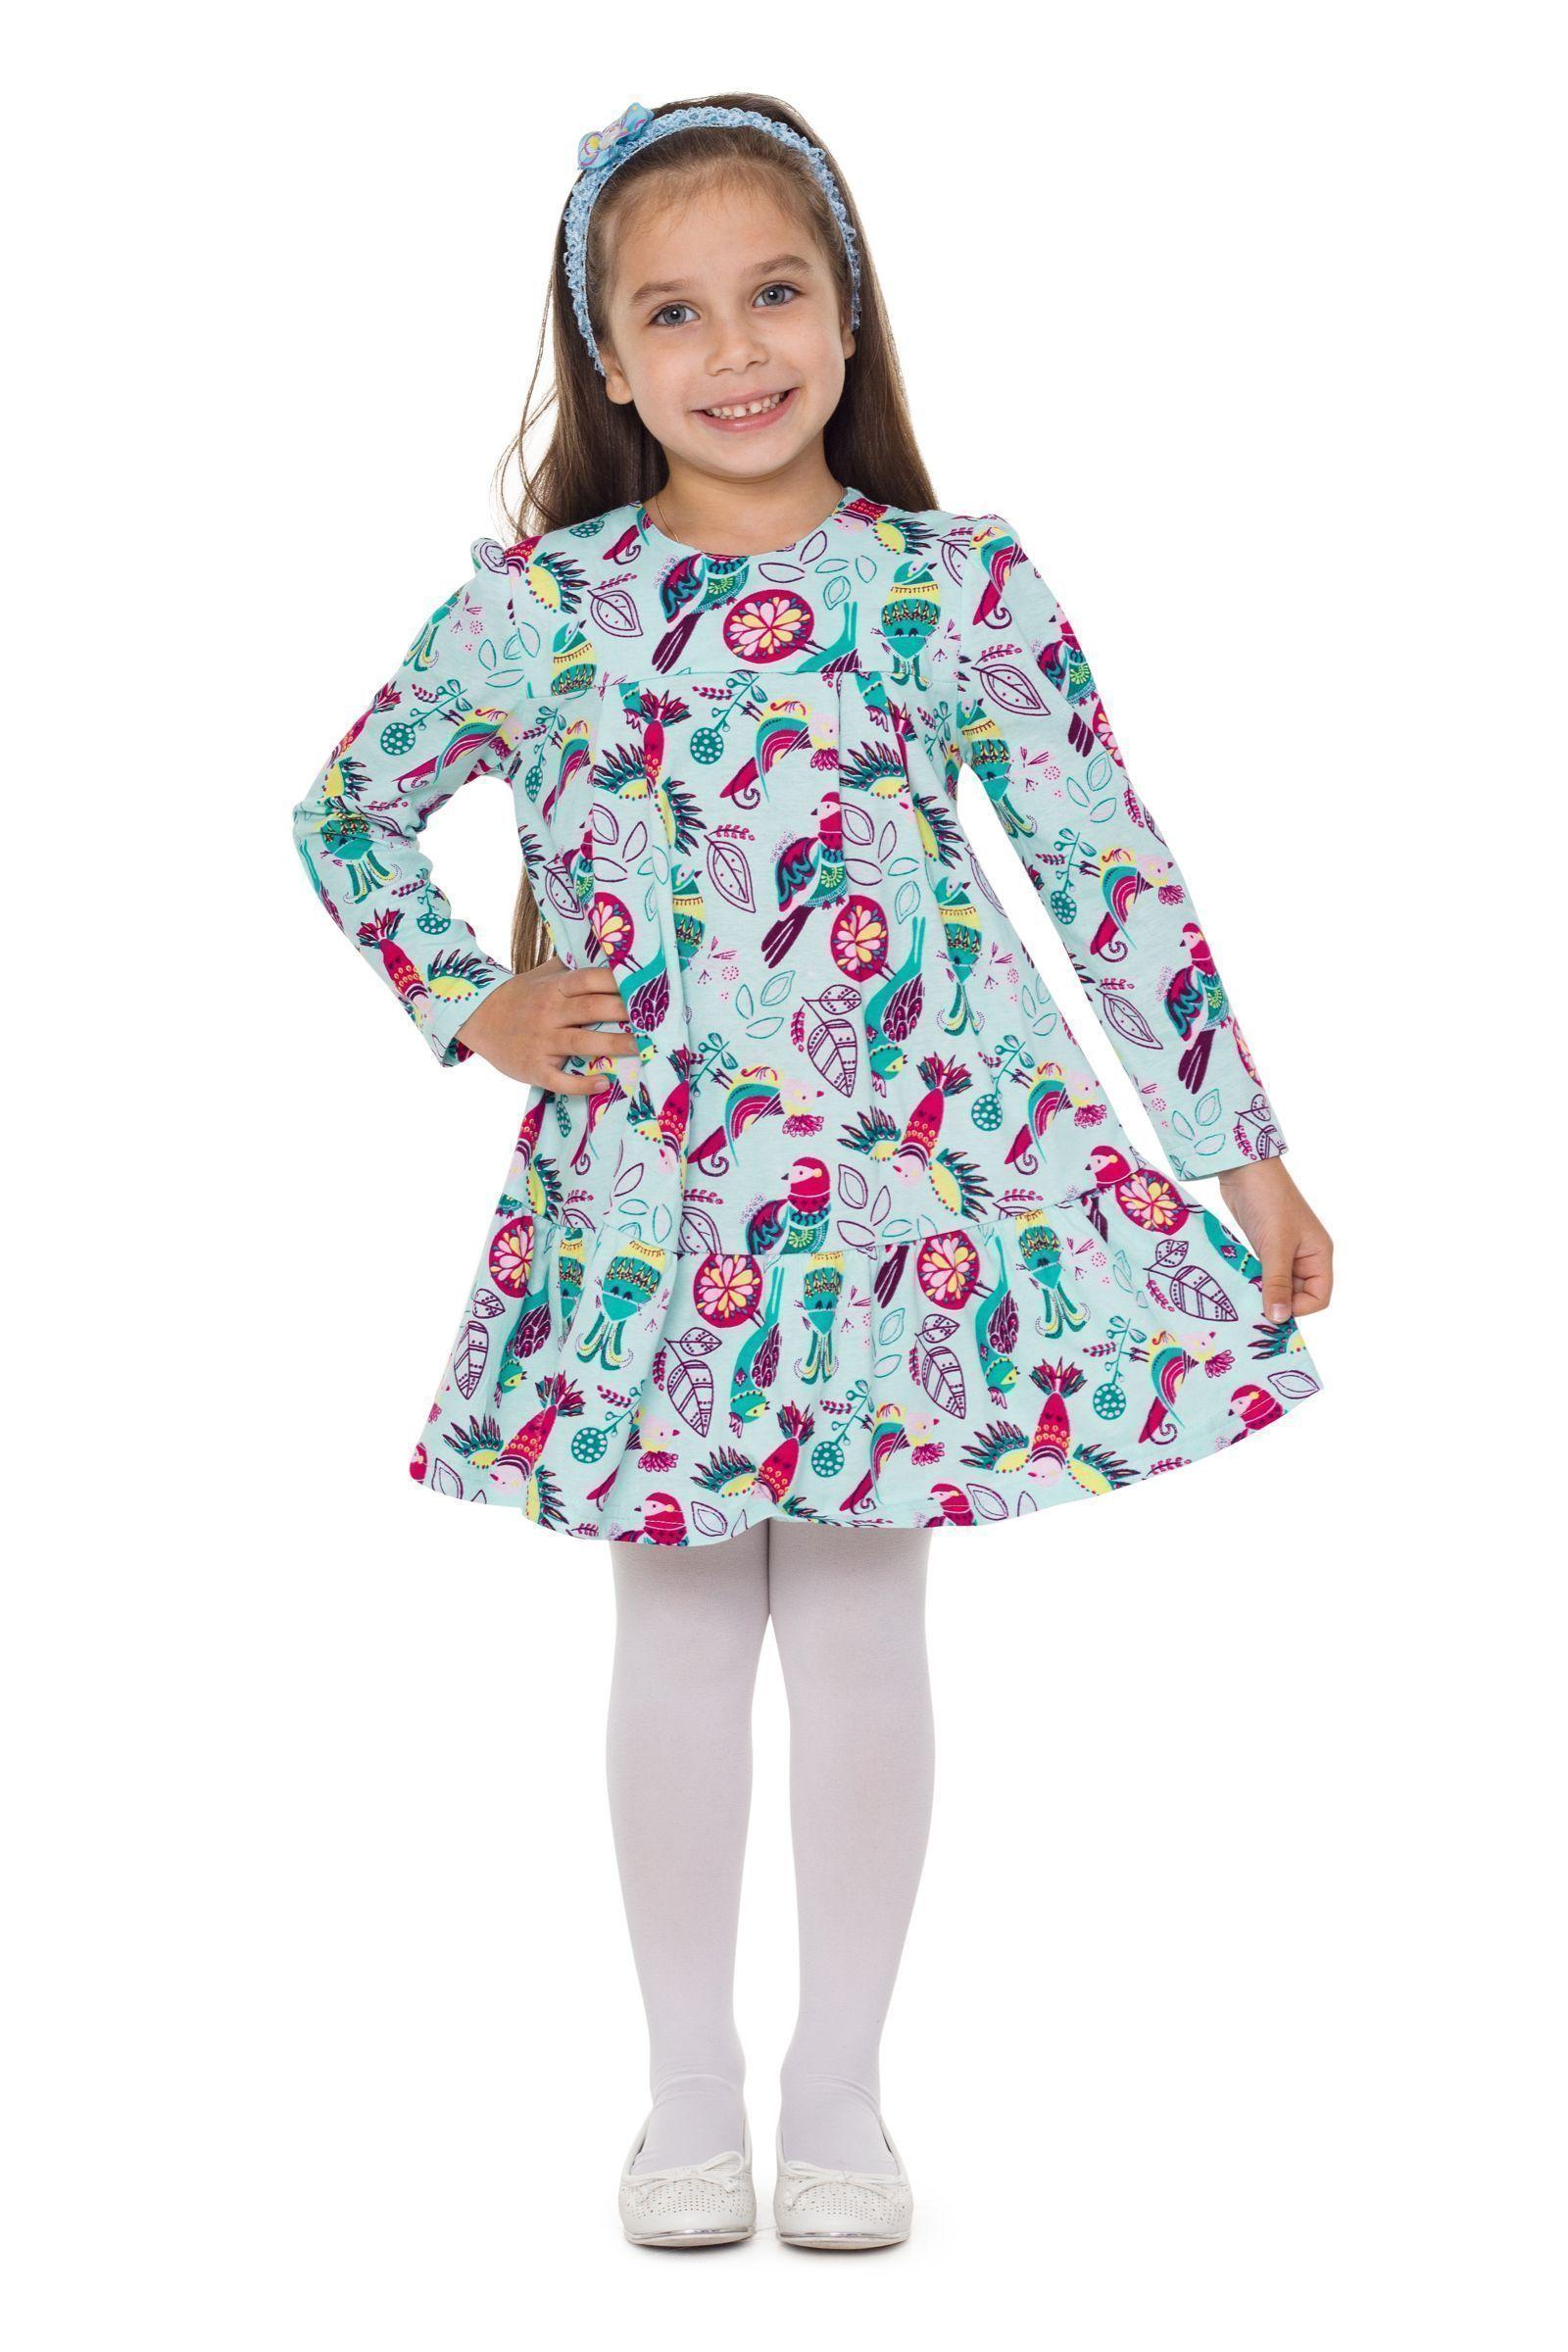 dbae449270e ... Платье-ПЛ02-2556 оптом от производителя детской одежды  Алёна  ...